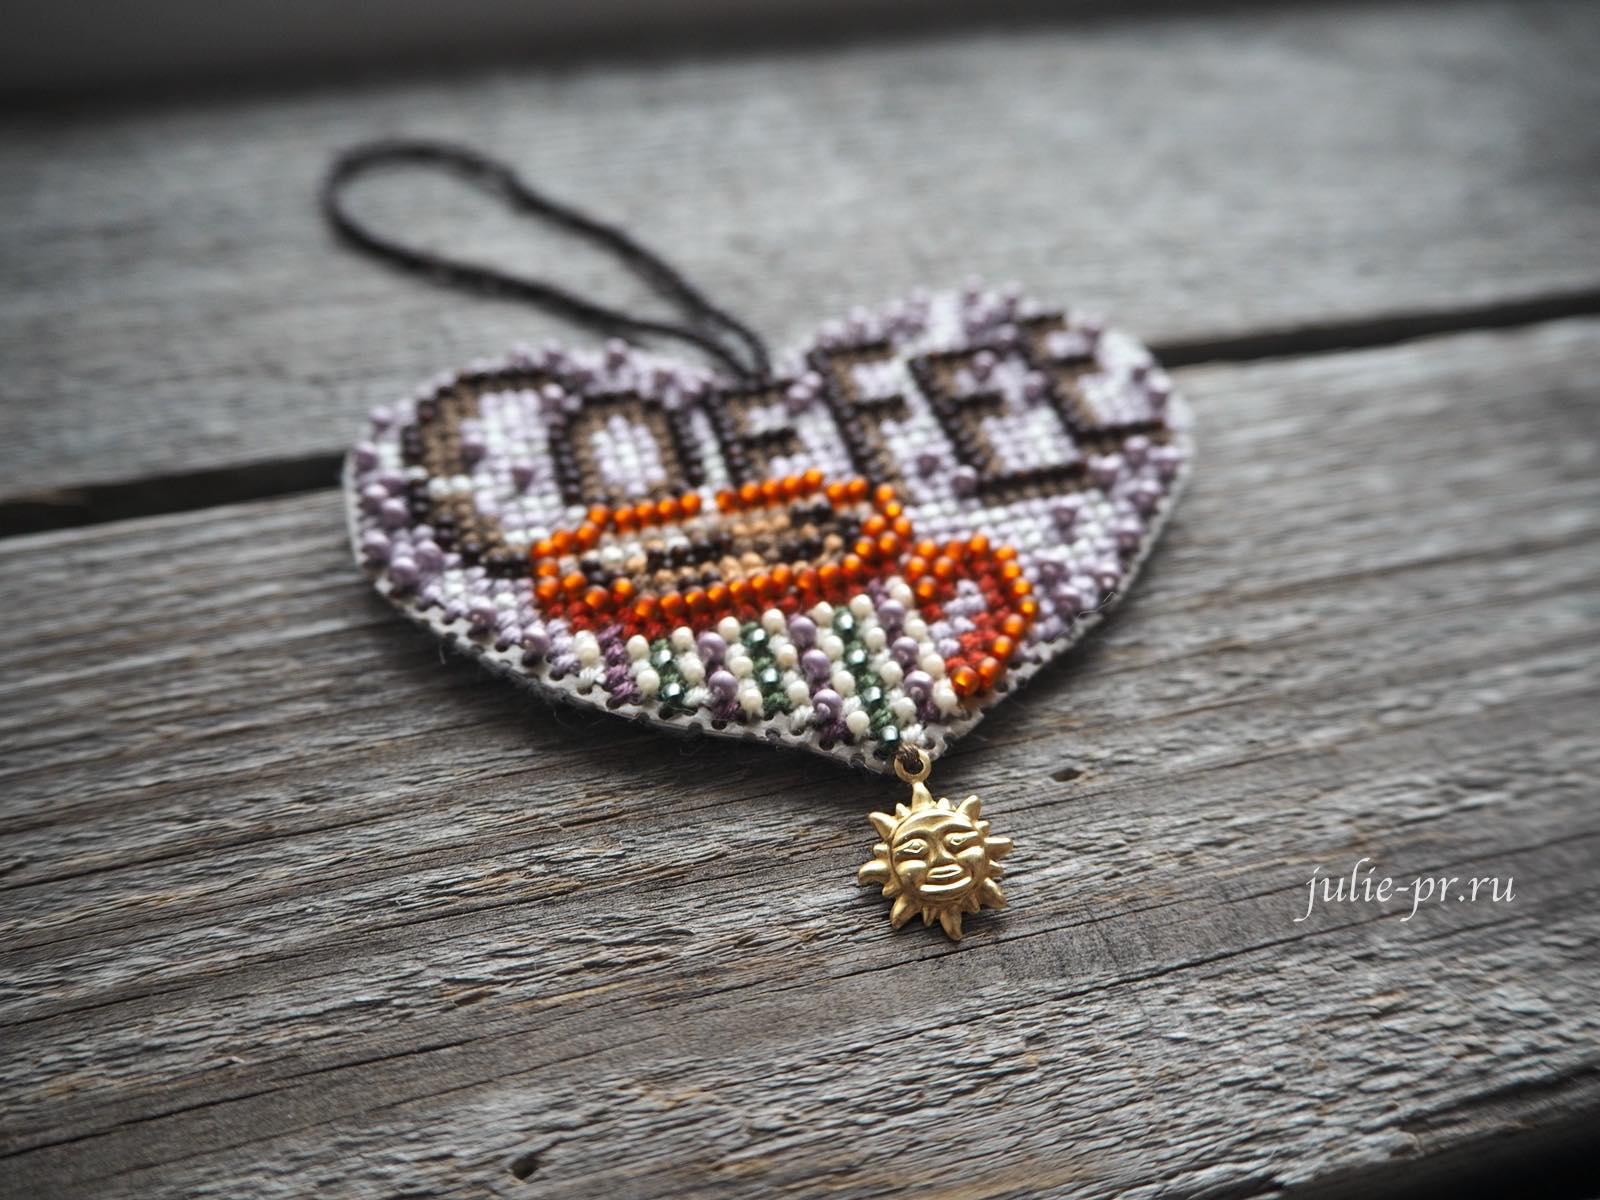 вышивка крестом, вышивка бисером, Mill Hill MH16-3102 Love Coffee, Любимый кофе, кофейное сердце